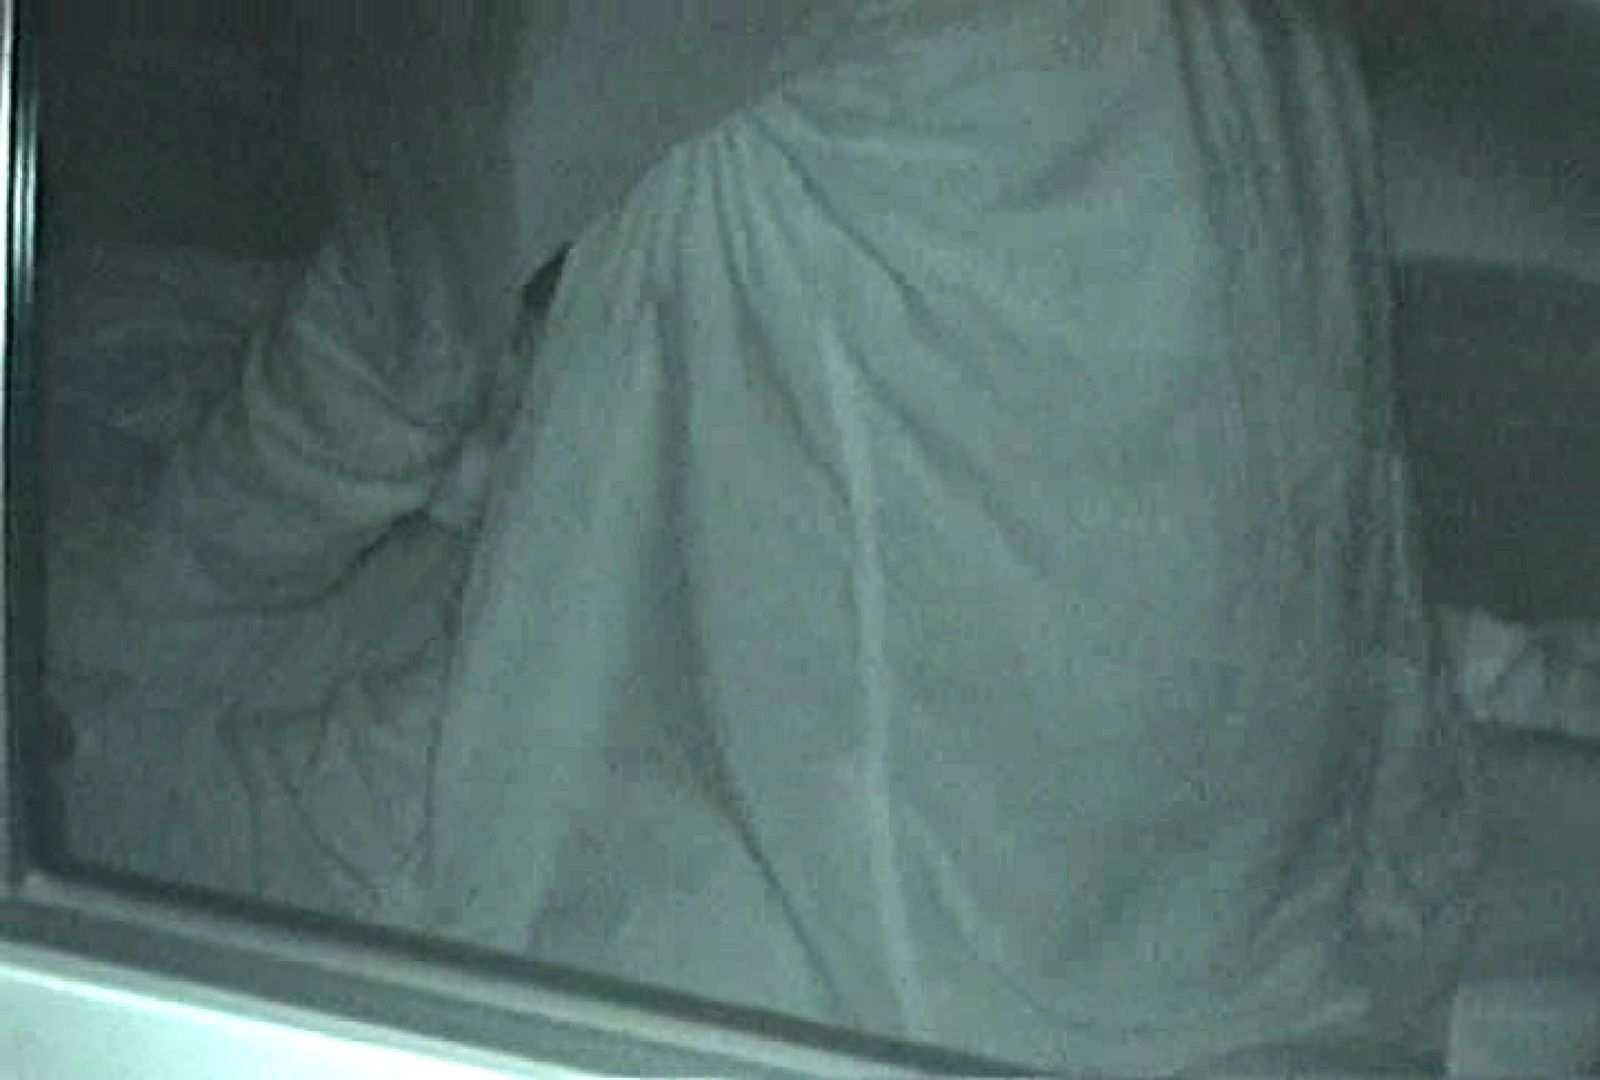 充血監督の深夜の運動会Vol.66 マンコ おまんこ無修正動画無料 109連発 95